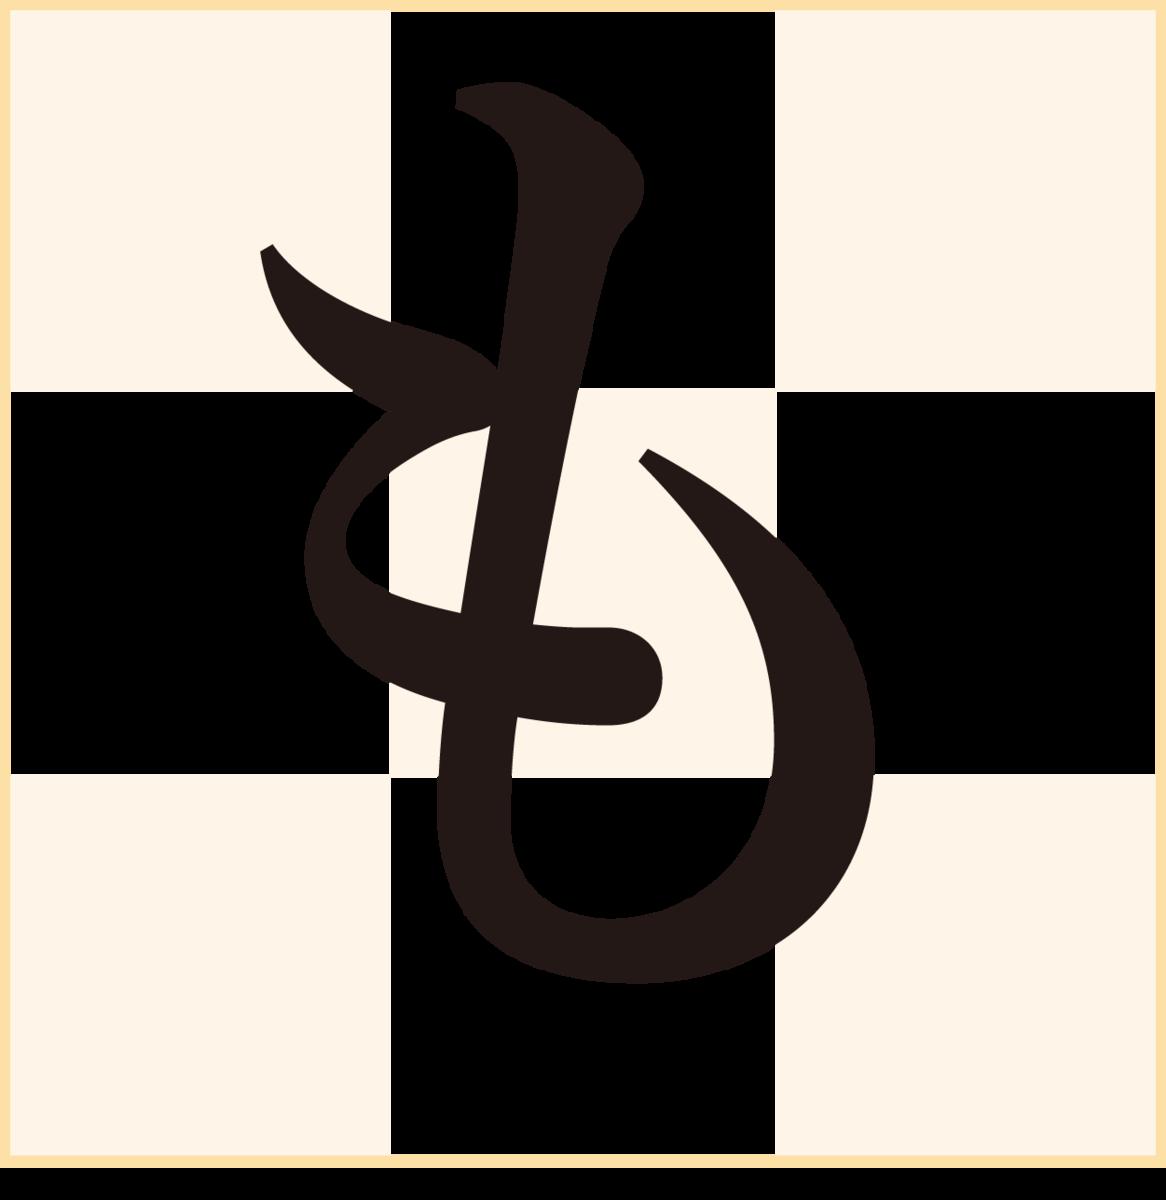 f:id:mojiru:20190411110424p:plain